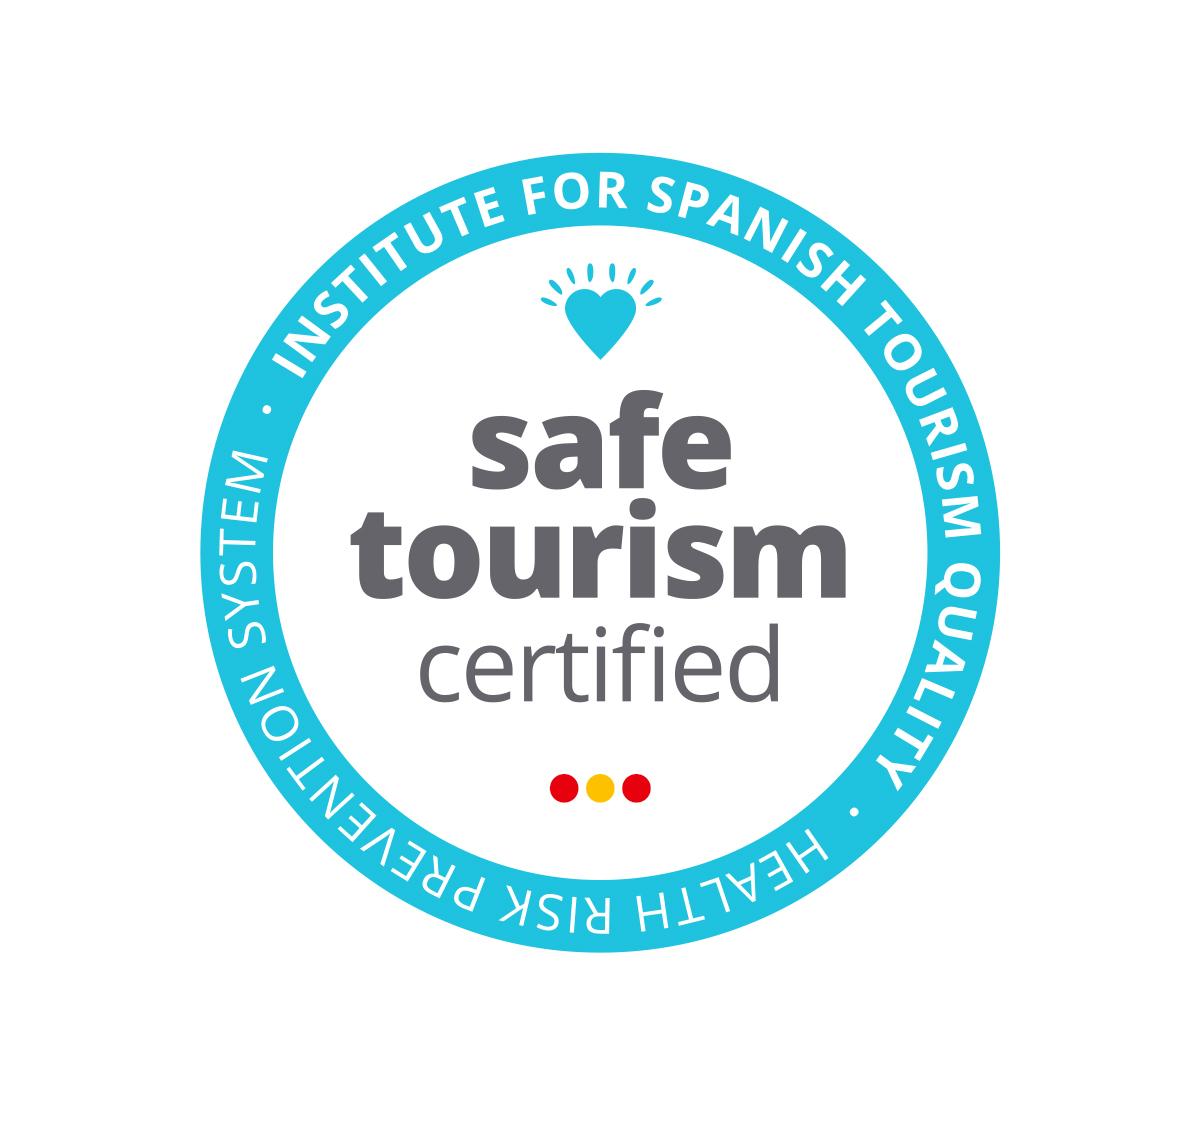 safe tourism certified vitium urban suites